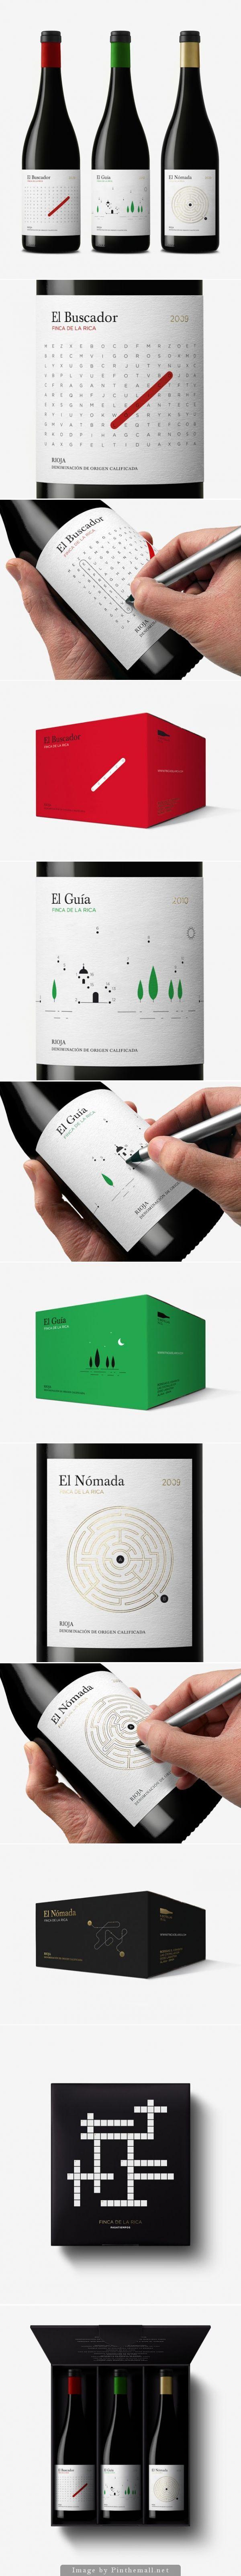 Finca de la Rica #wine #packaging by Dorian